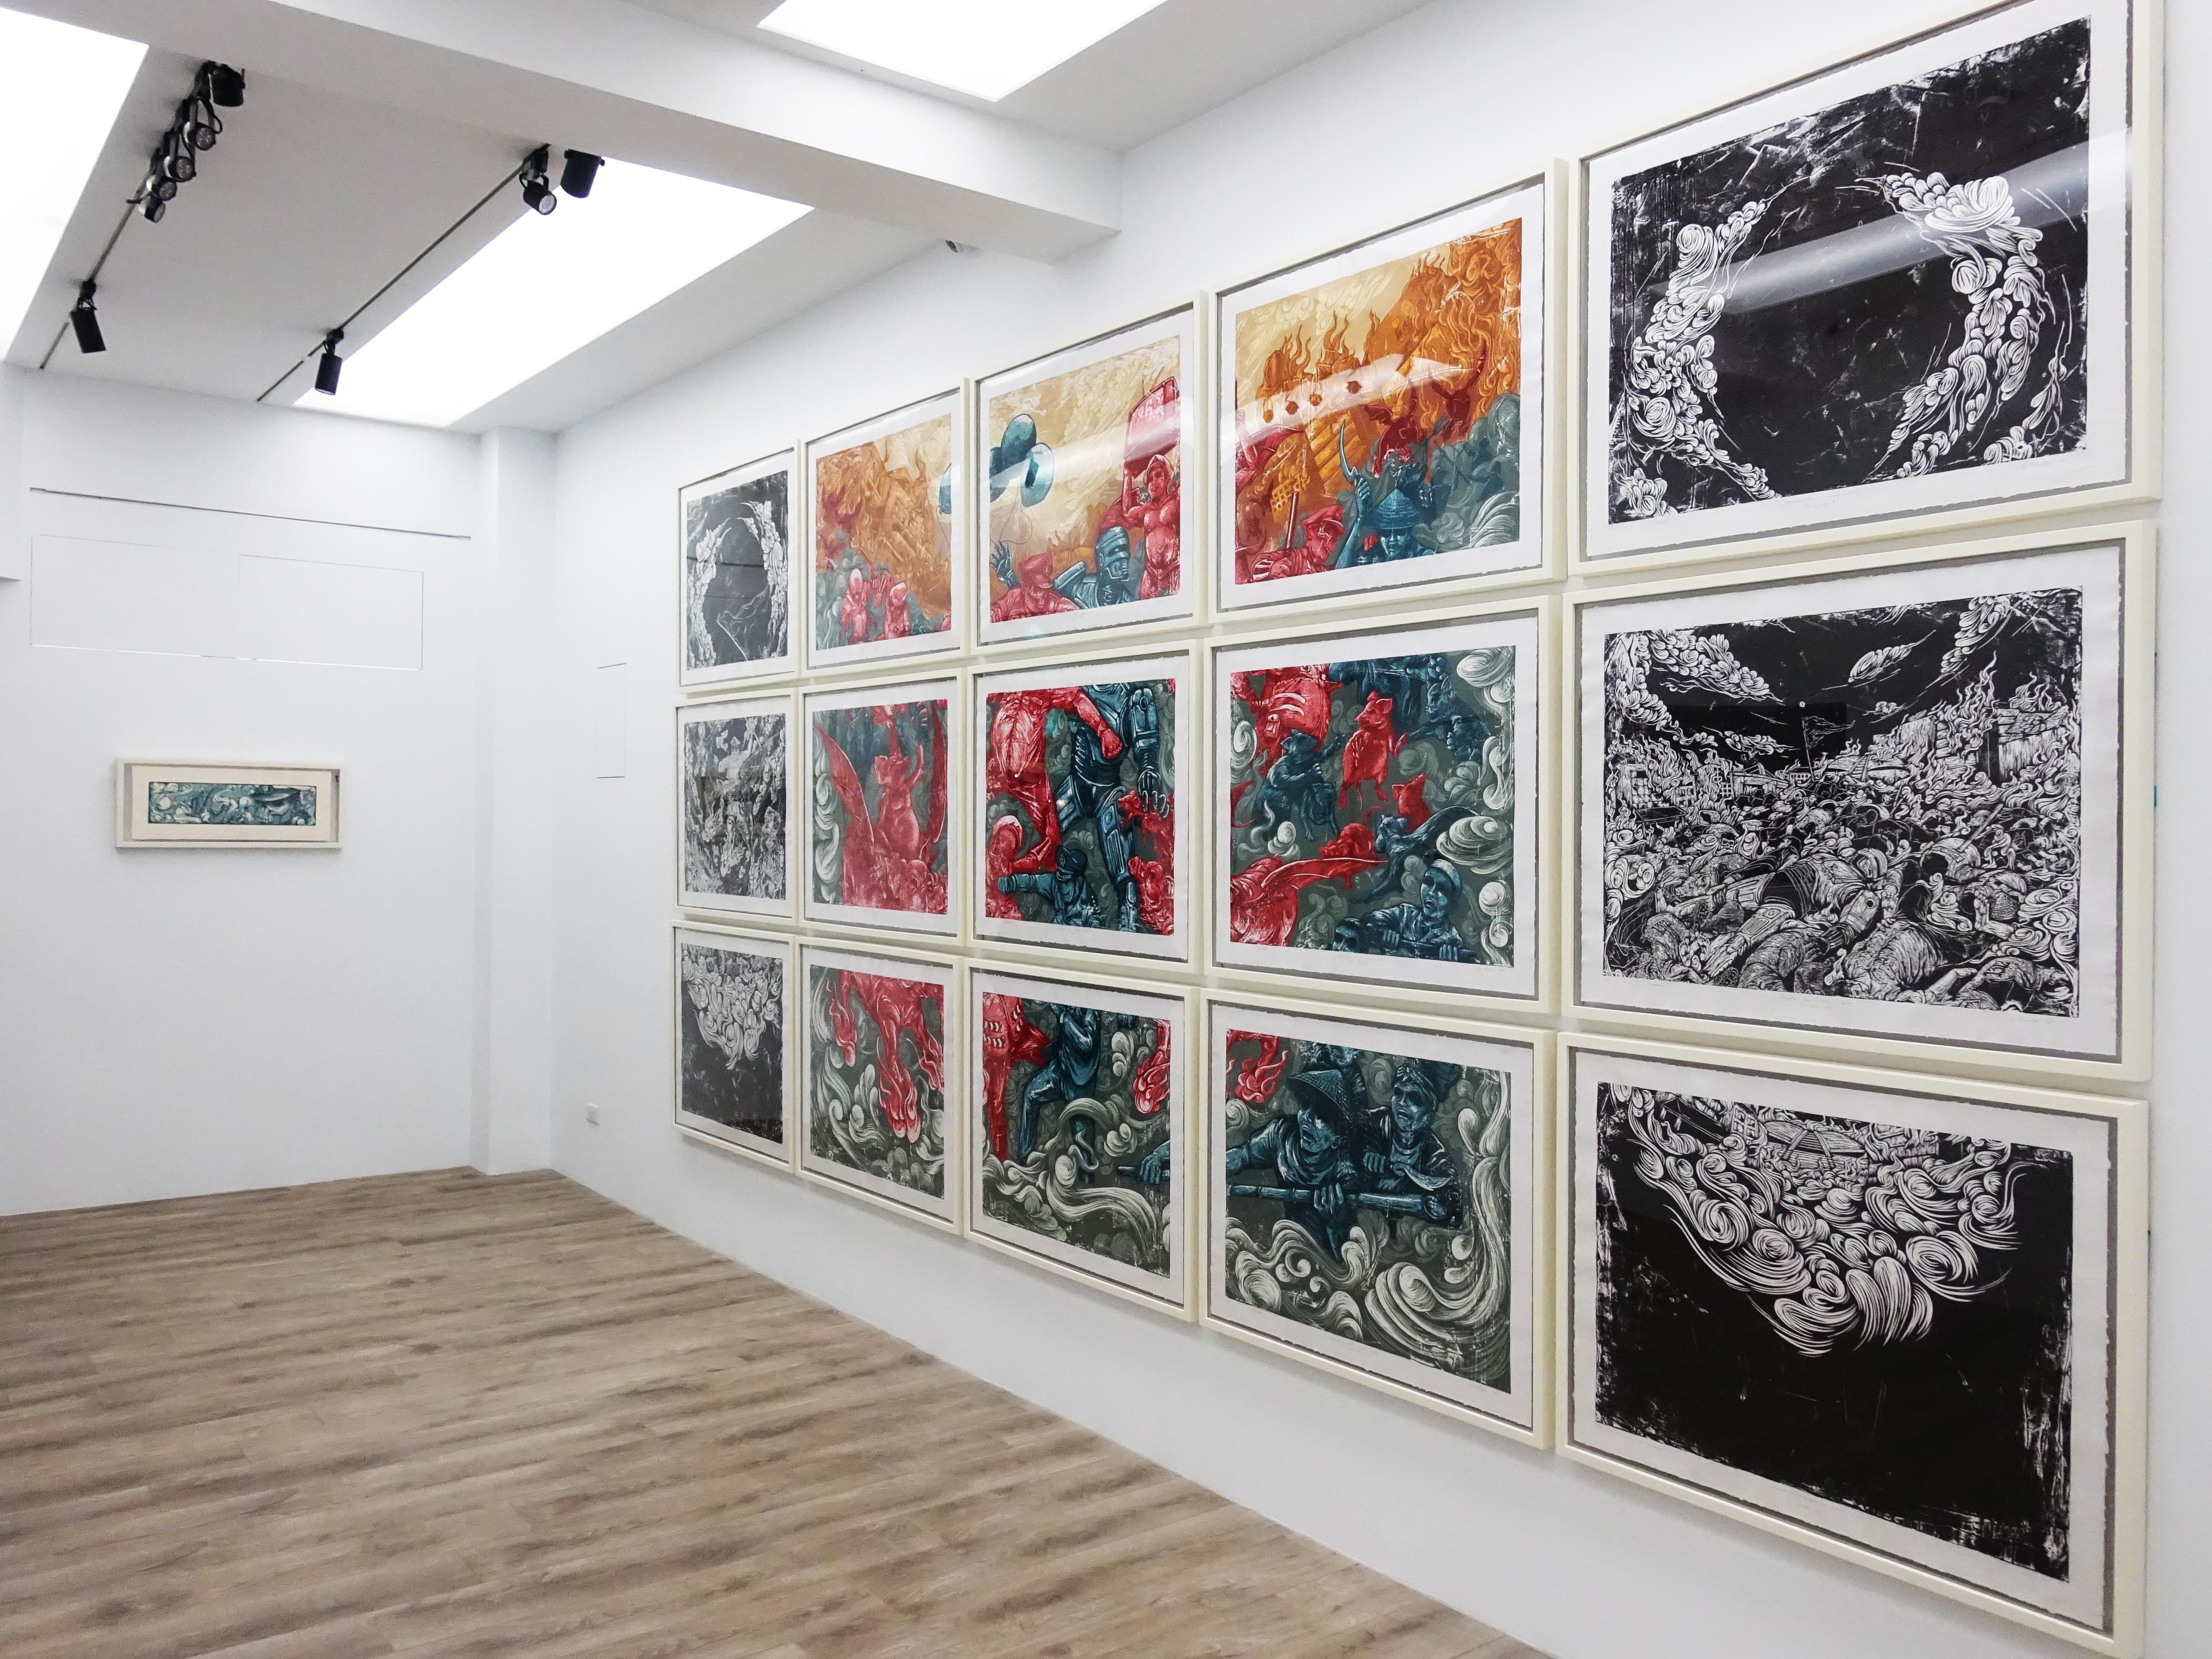 十方藝術空間展出印尼藝術家錫吉特・拉馬丹版畫作品。